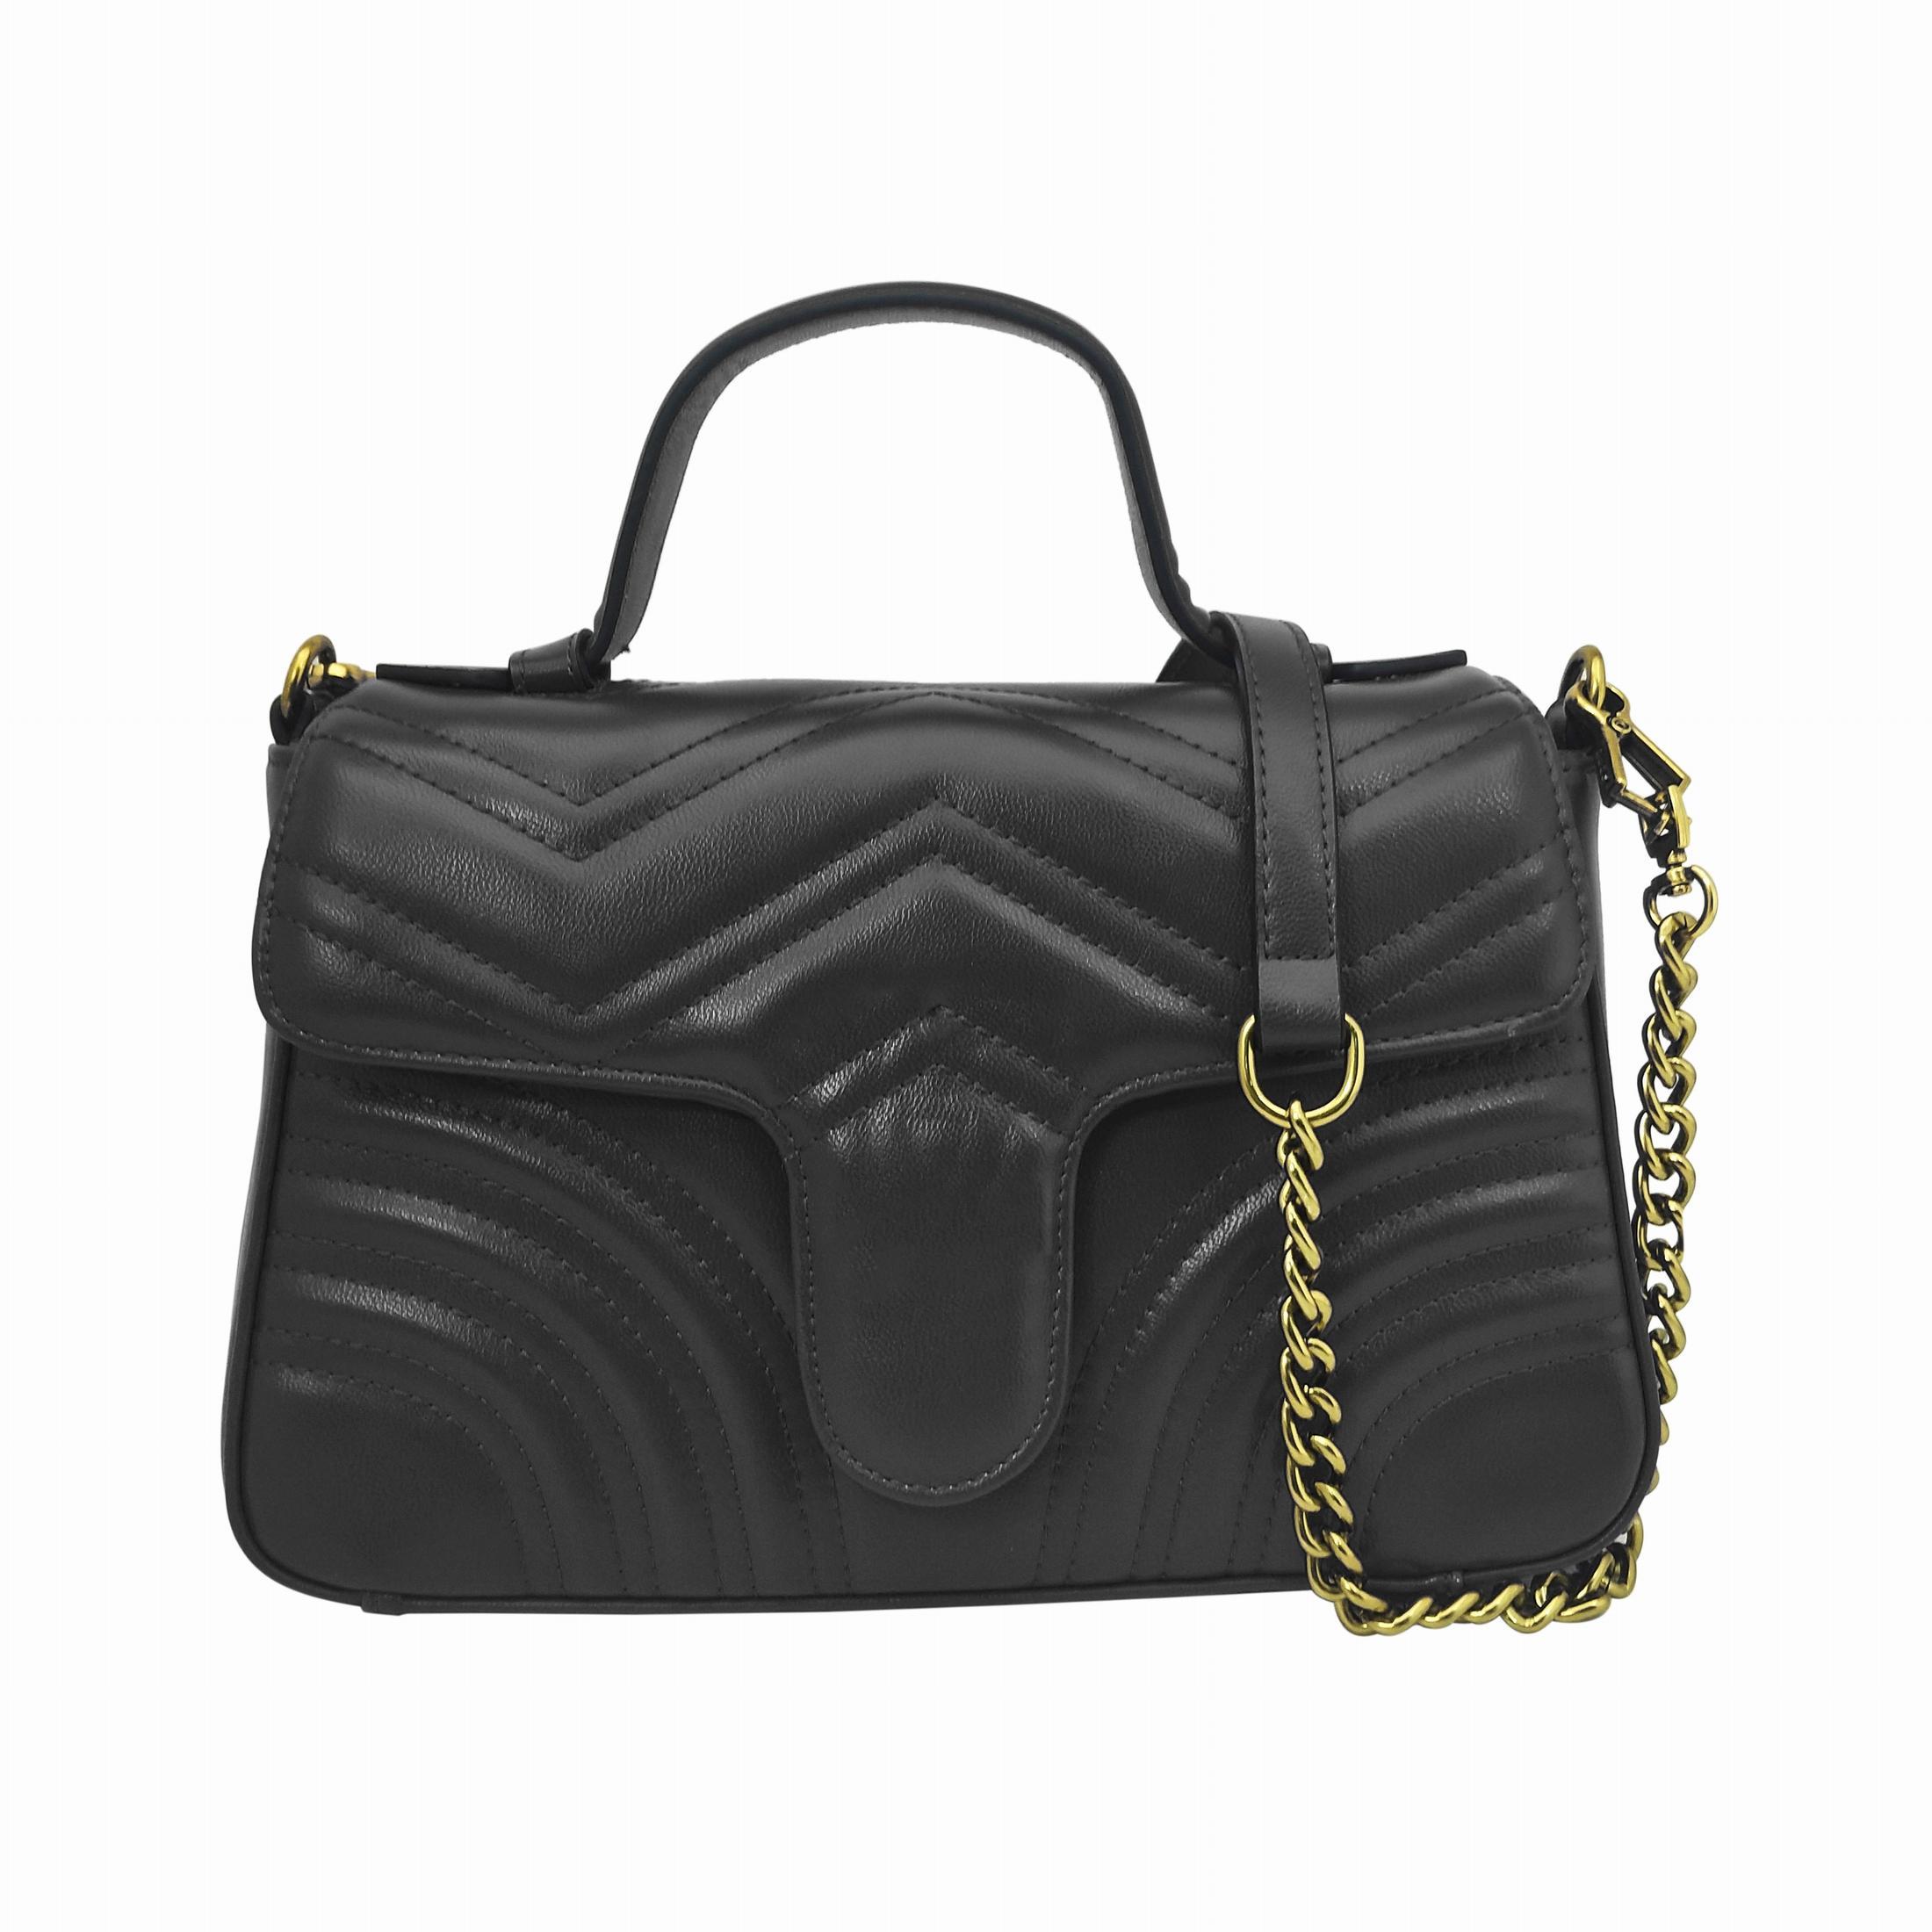 Nouvelle mode classique sac à main de femmes sacs à bandoulière chaîne amovible en PU Fabriqué avec un cœur chevron sur le dos 498110 quatre couleurs